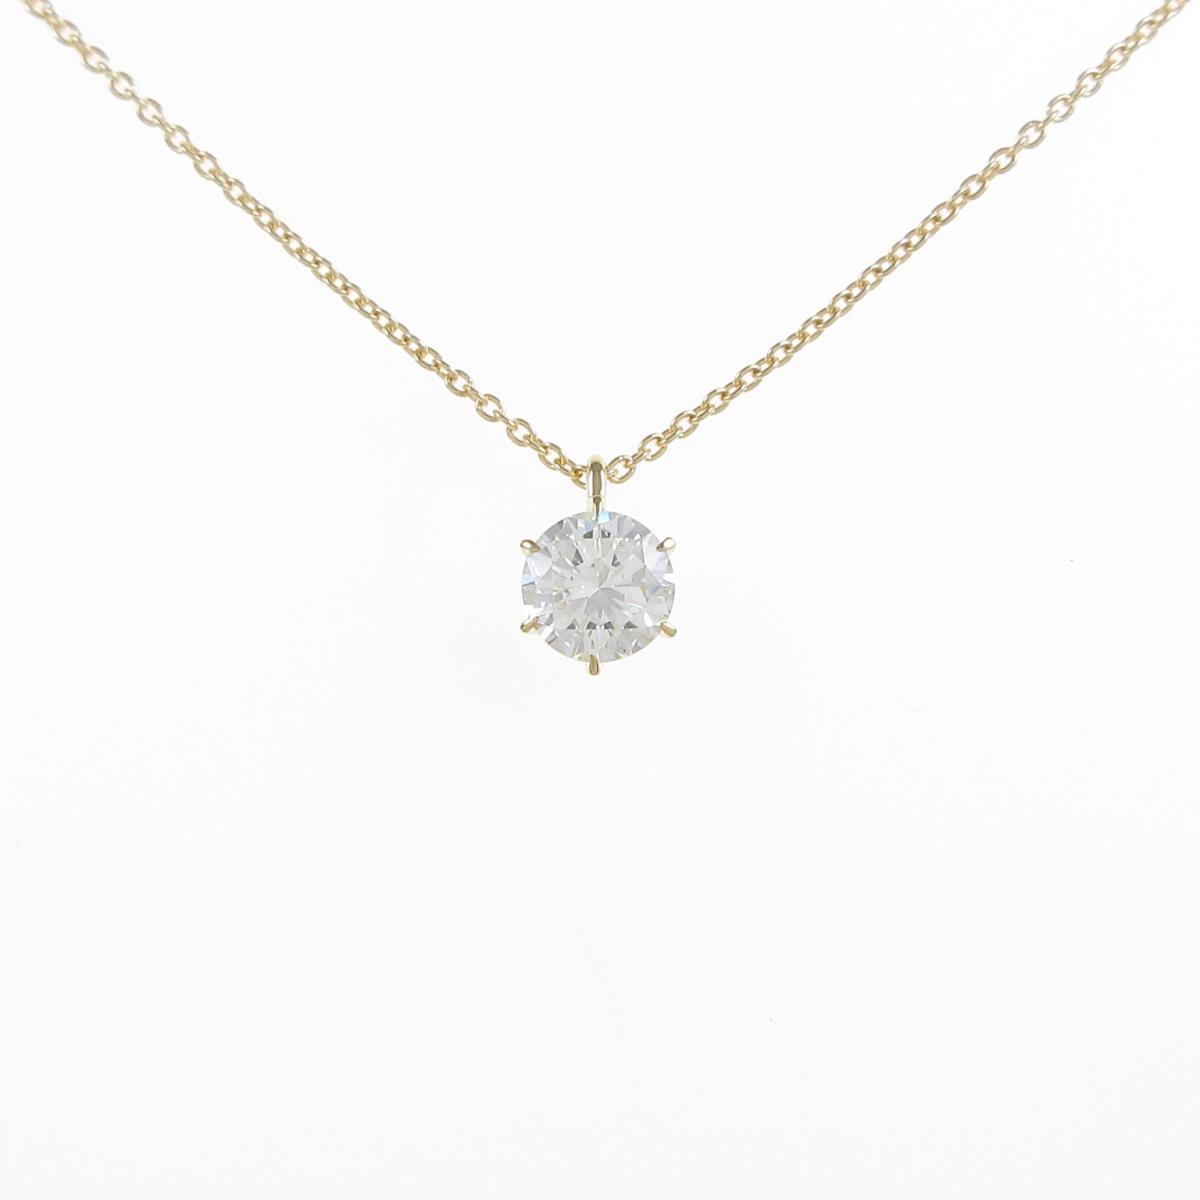 【高額売筋】 【リメイク】K18YG ダイヤモンドネックレス 0.498ct・I・VVS2・GOOD【】, アート商会 9b74d091